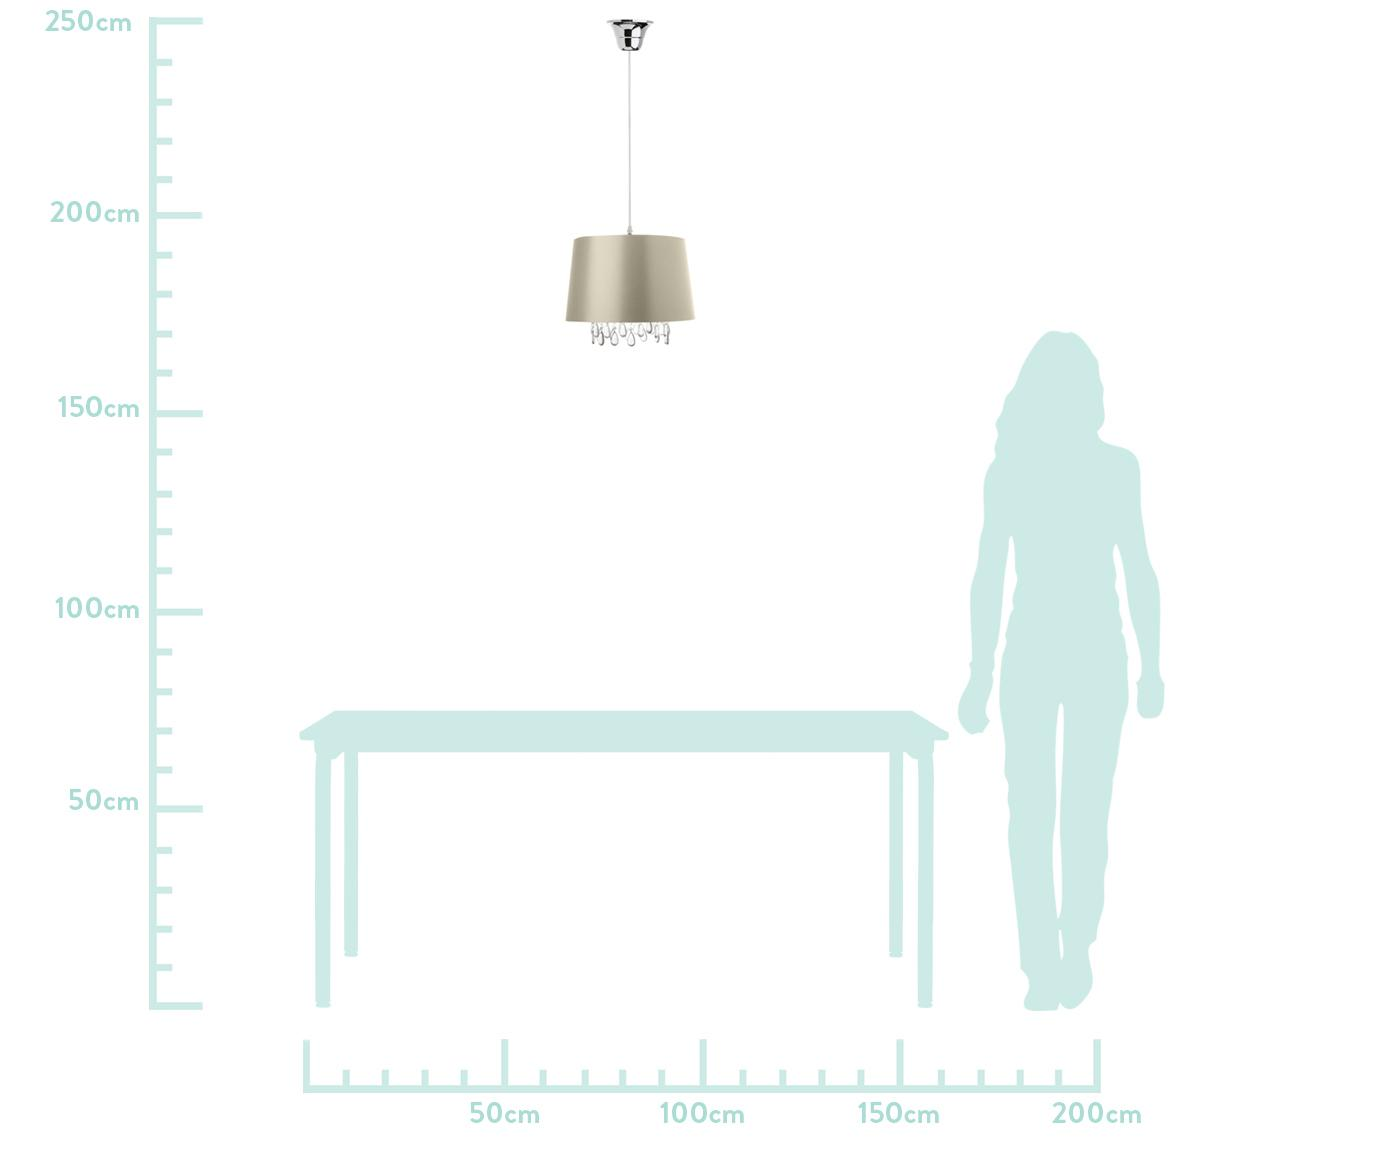 Lampada a sospensione con pietre decorative Valerie, Paralume: tessuto, Baldacchino: materiale sintetico, Champagne, Ø 32 x Alt. 25 cm